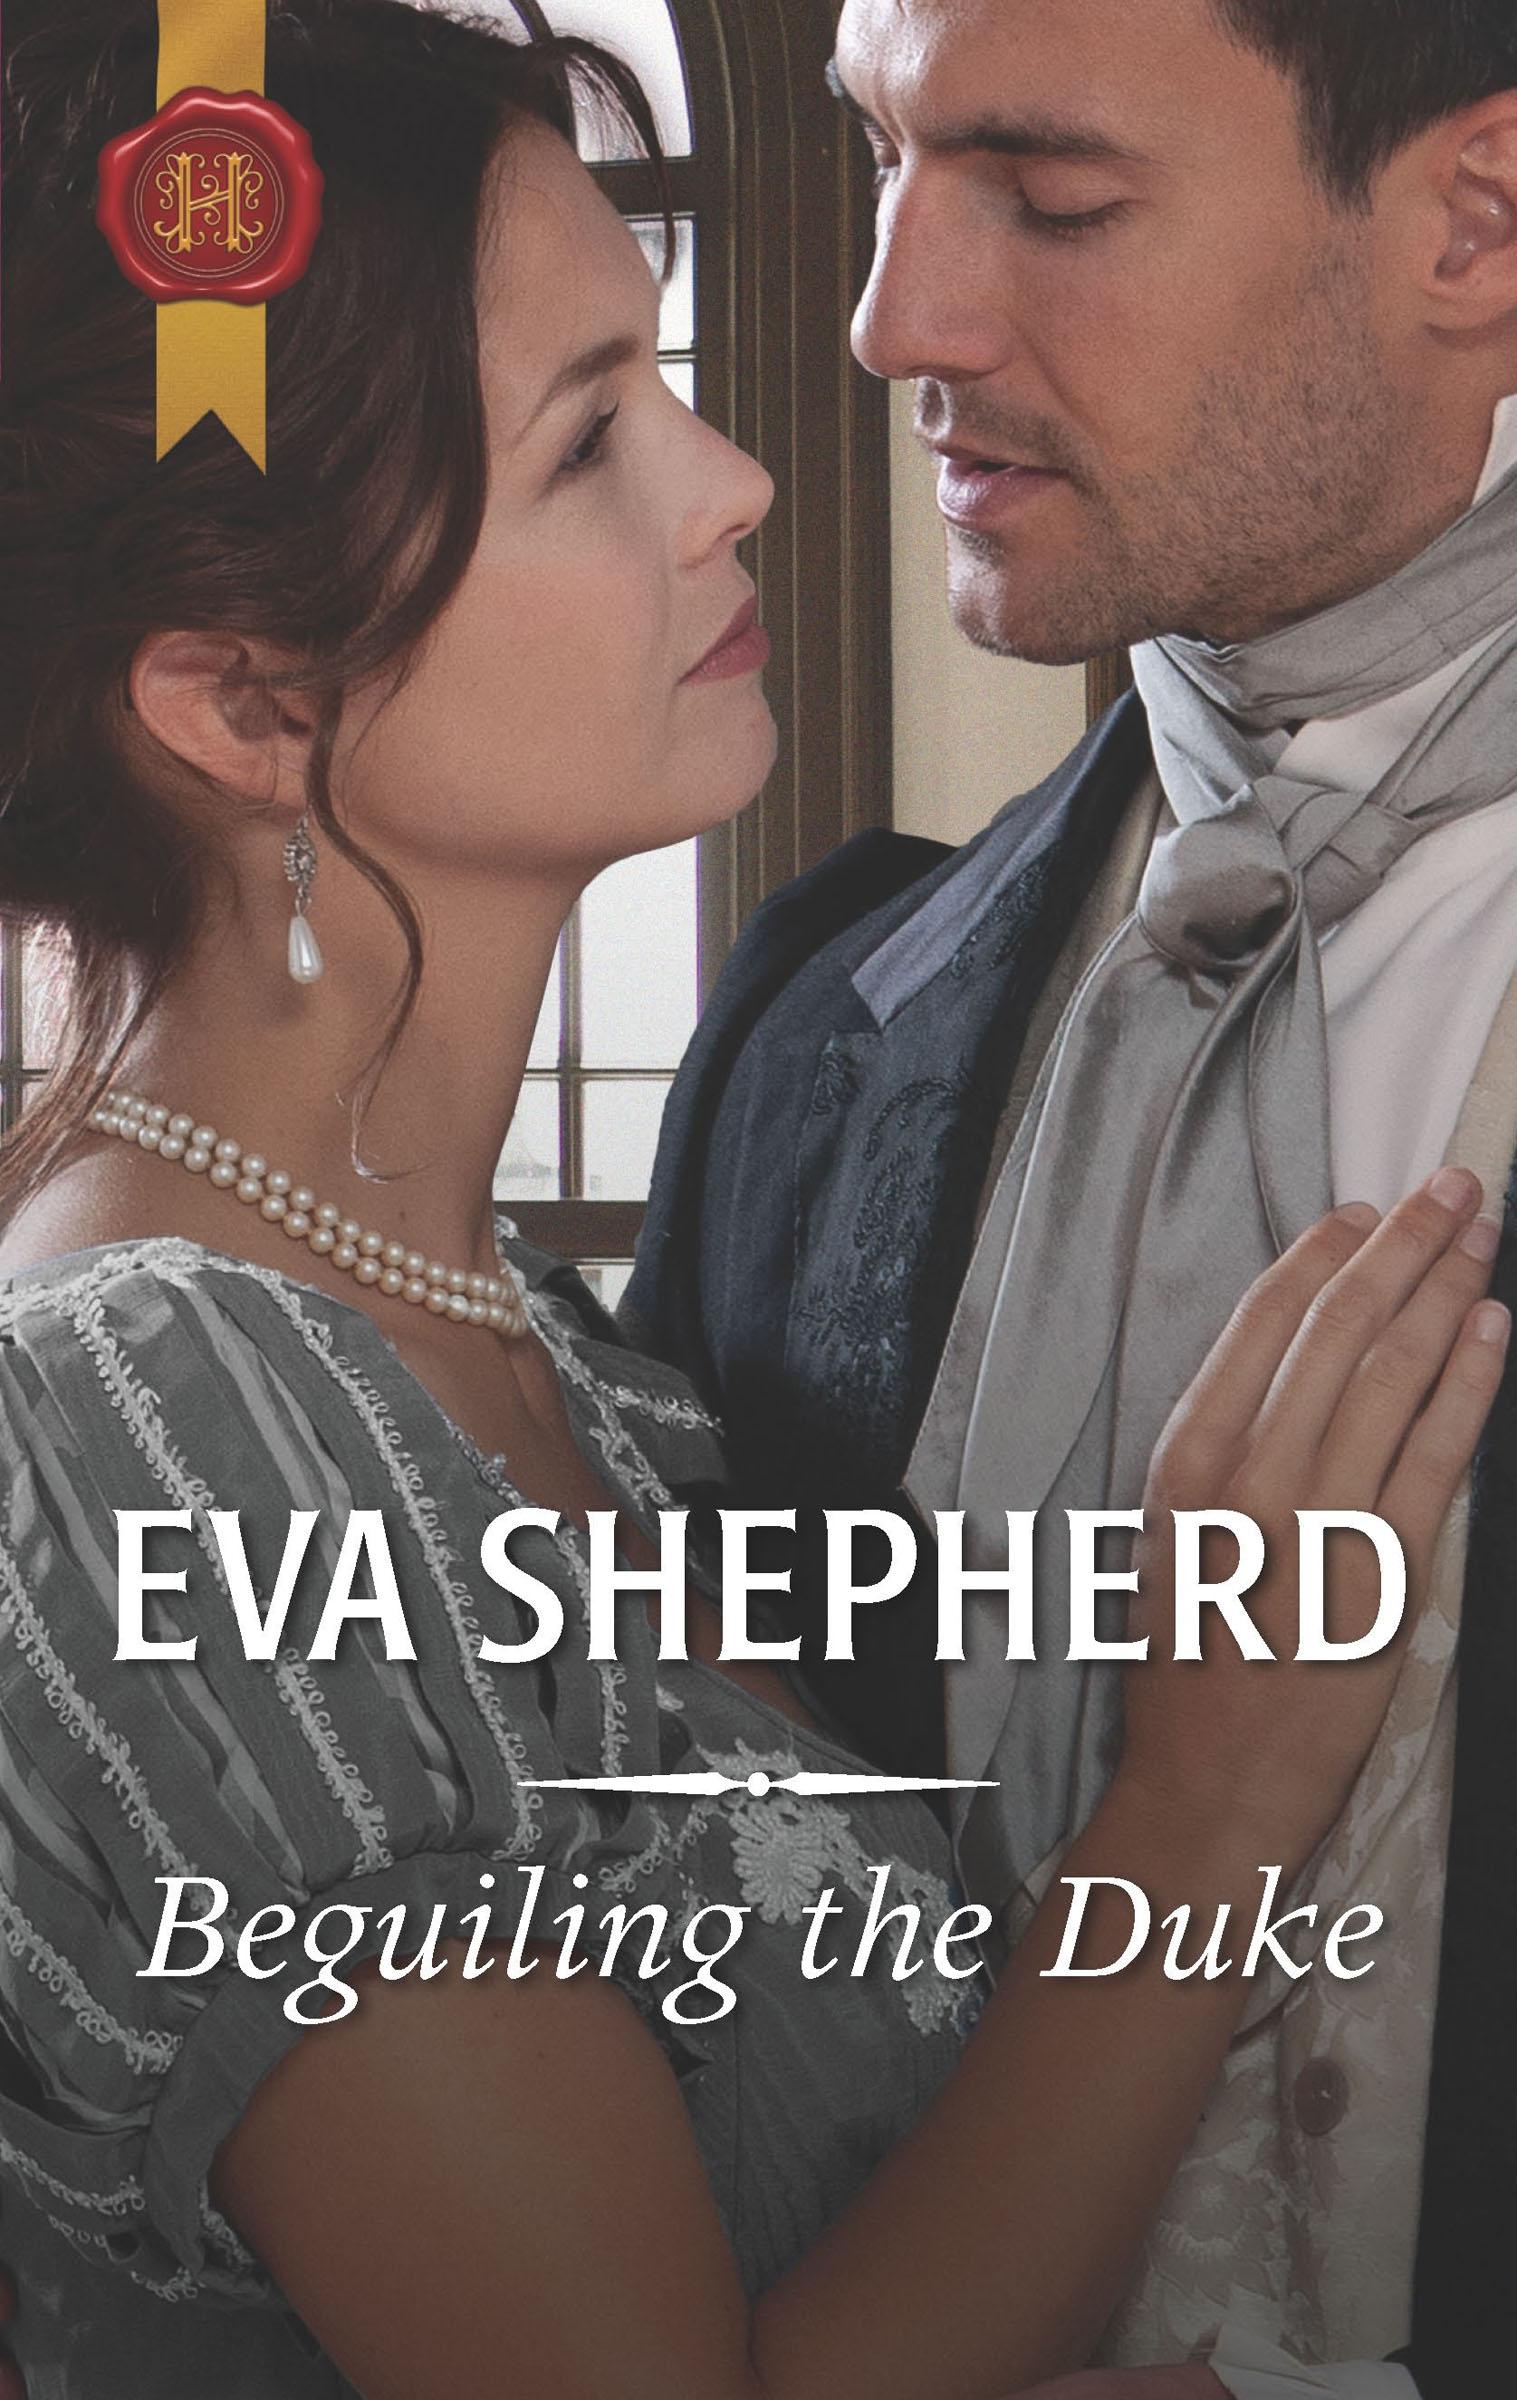 Beguiling the Duke